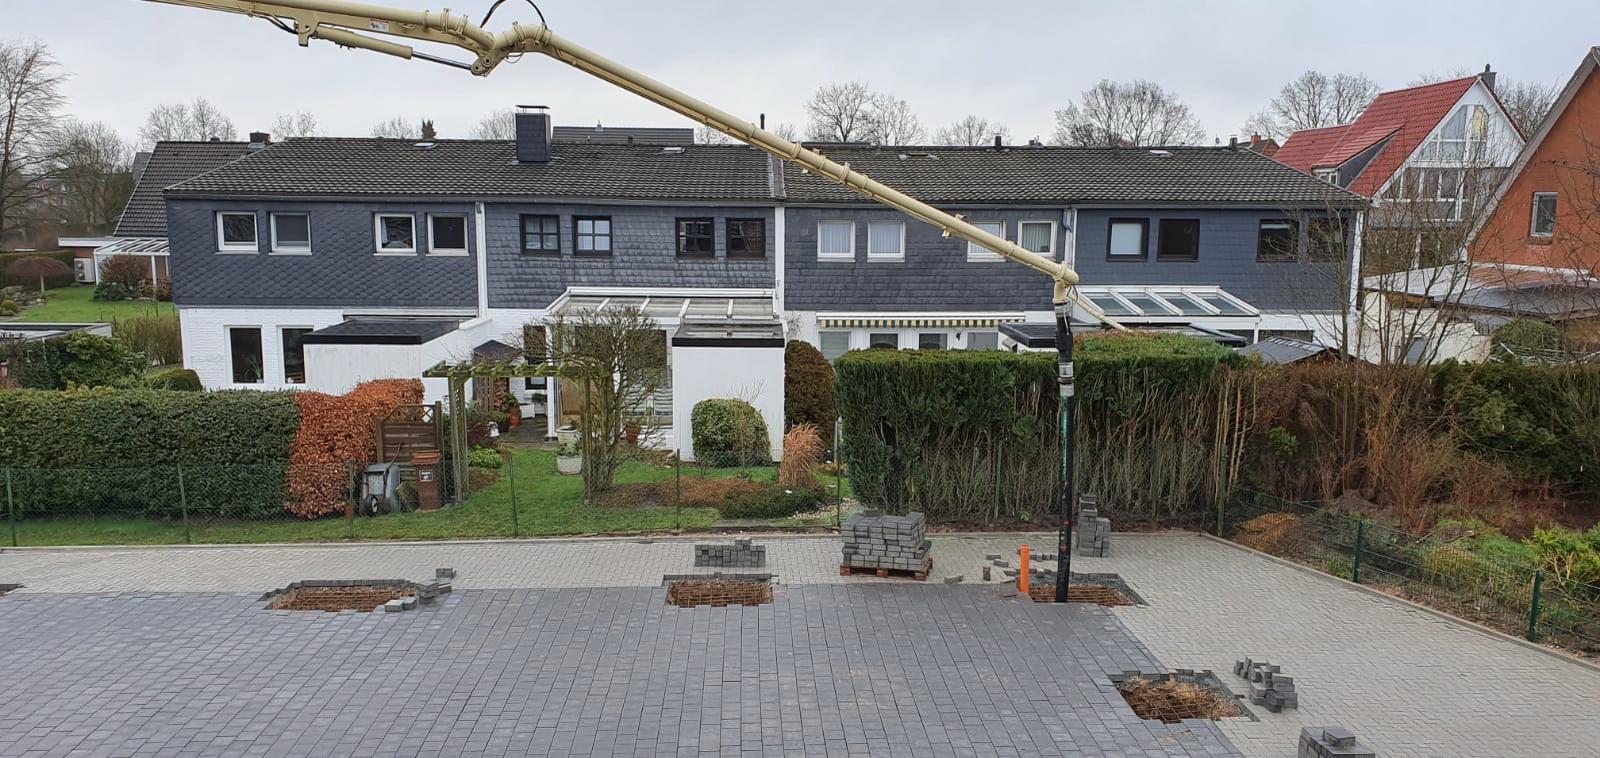 Ein spezieller Kranwagen füllt die Felder mit Beton © Foto: Hans-Dieter Heins-Dieter Heins